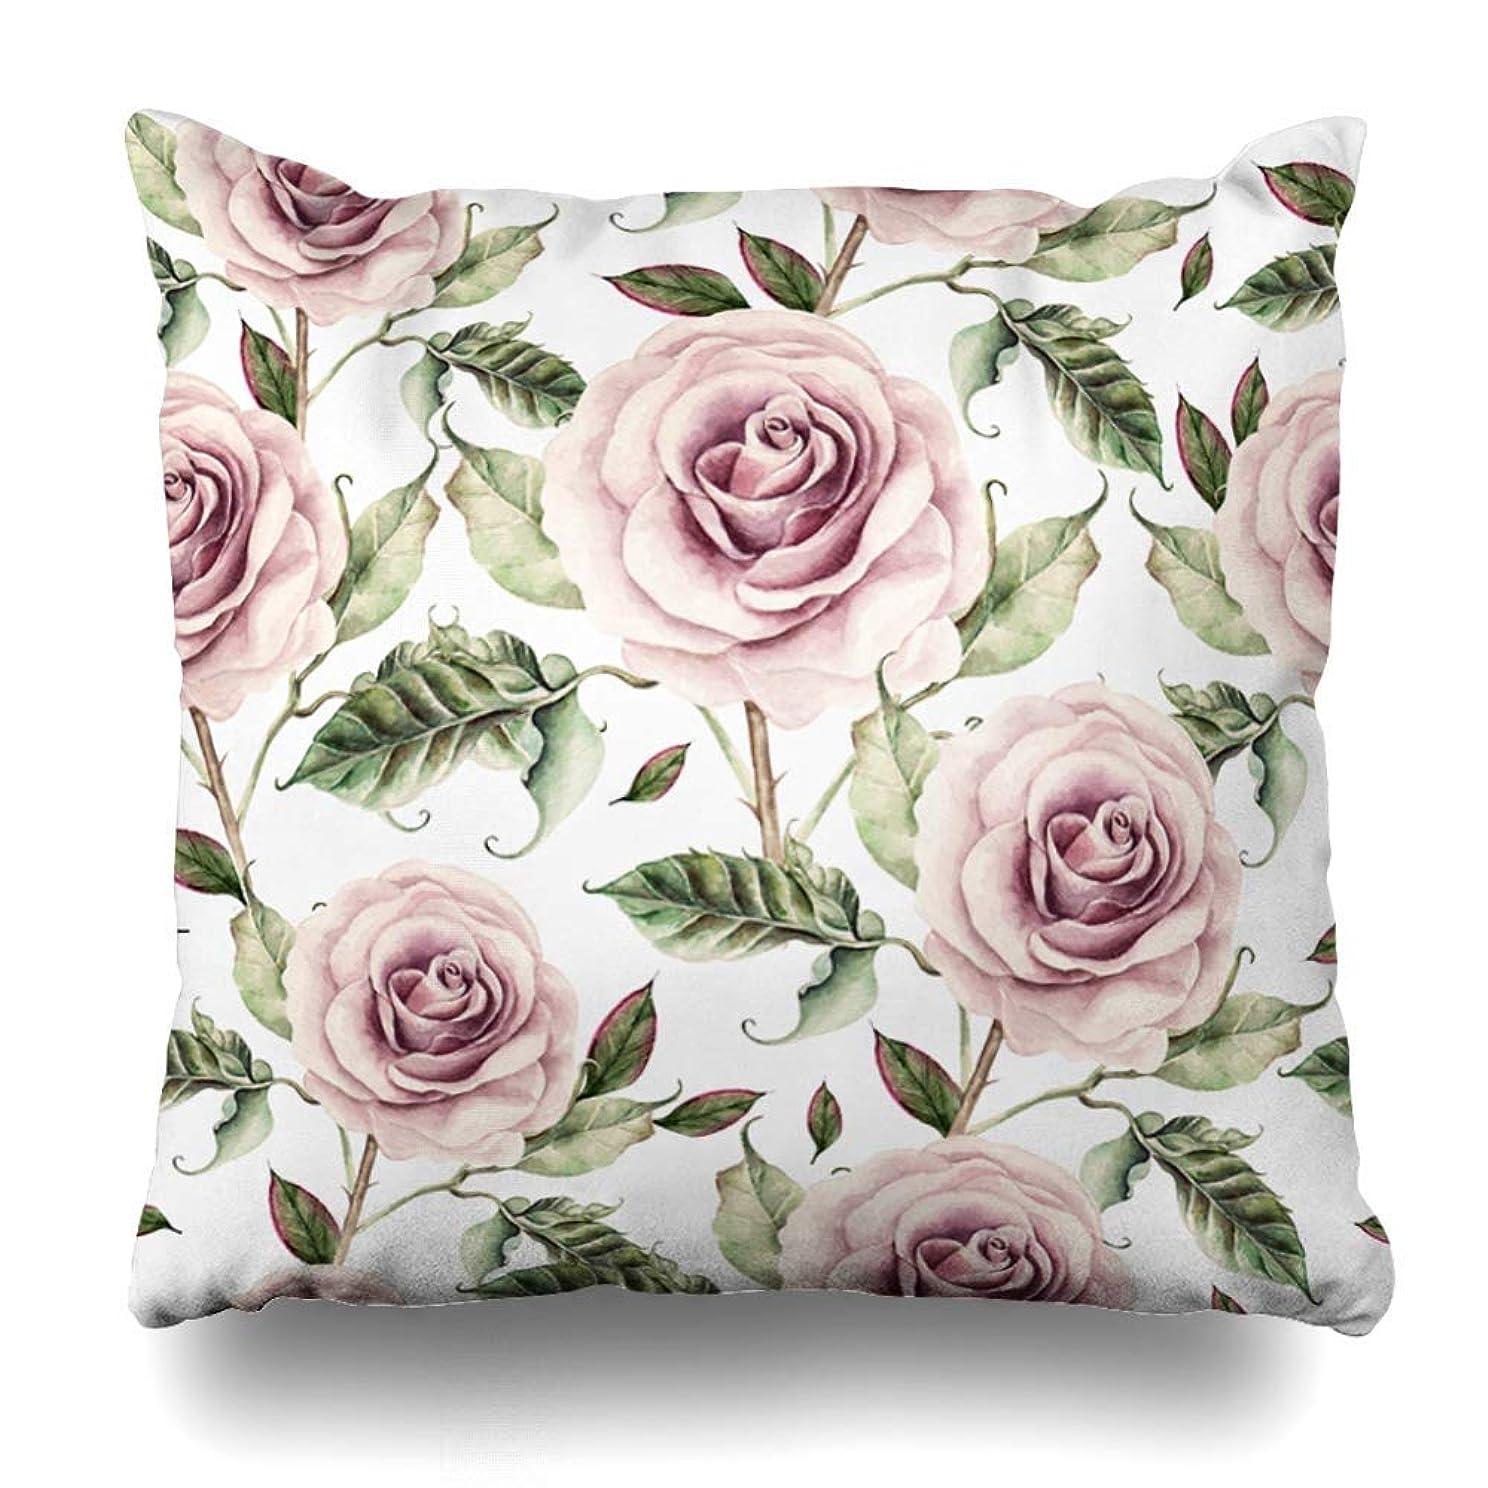 人種一緒に反動Qrriy Throw Pillow Cover Painting Floral Pattern Watercolor Realistic Rose Spring Nature Pink Abstract Accent Design Art Home Decor Cushion Case Square Size 20 X 20 Inches Zippered Pillowcase 枕,抱き枕カバー,枕カバ,実用的である